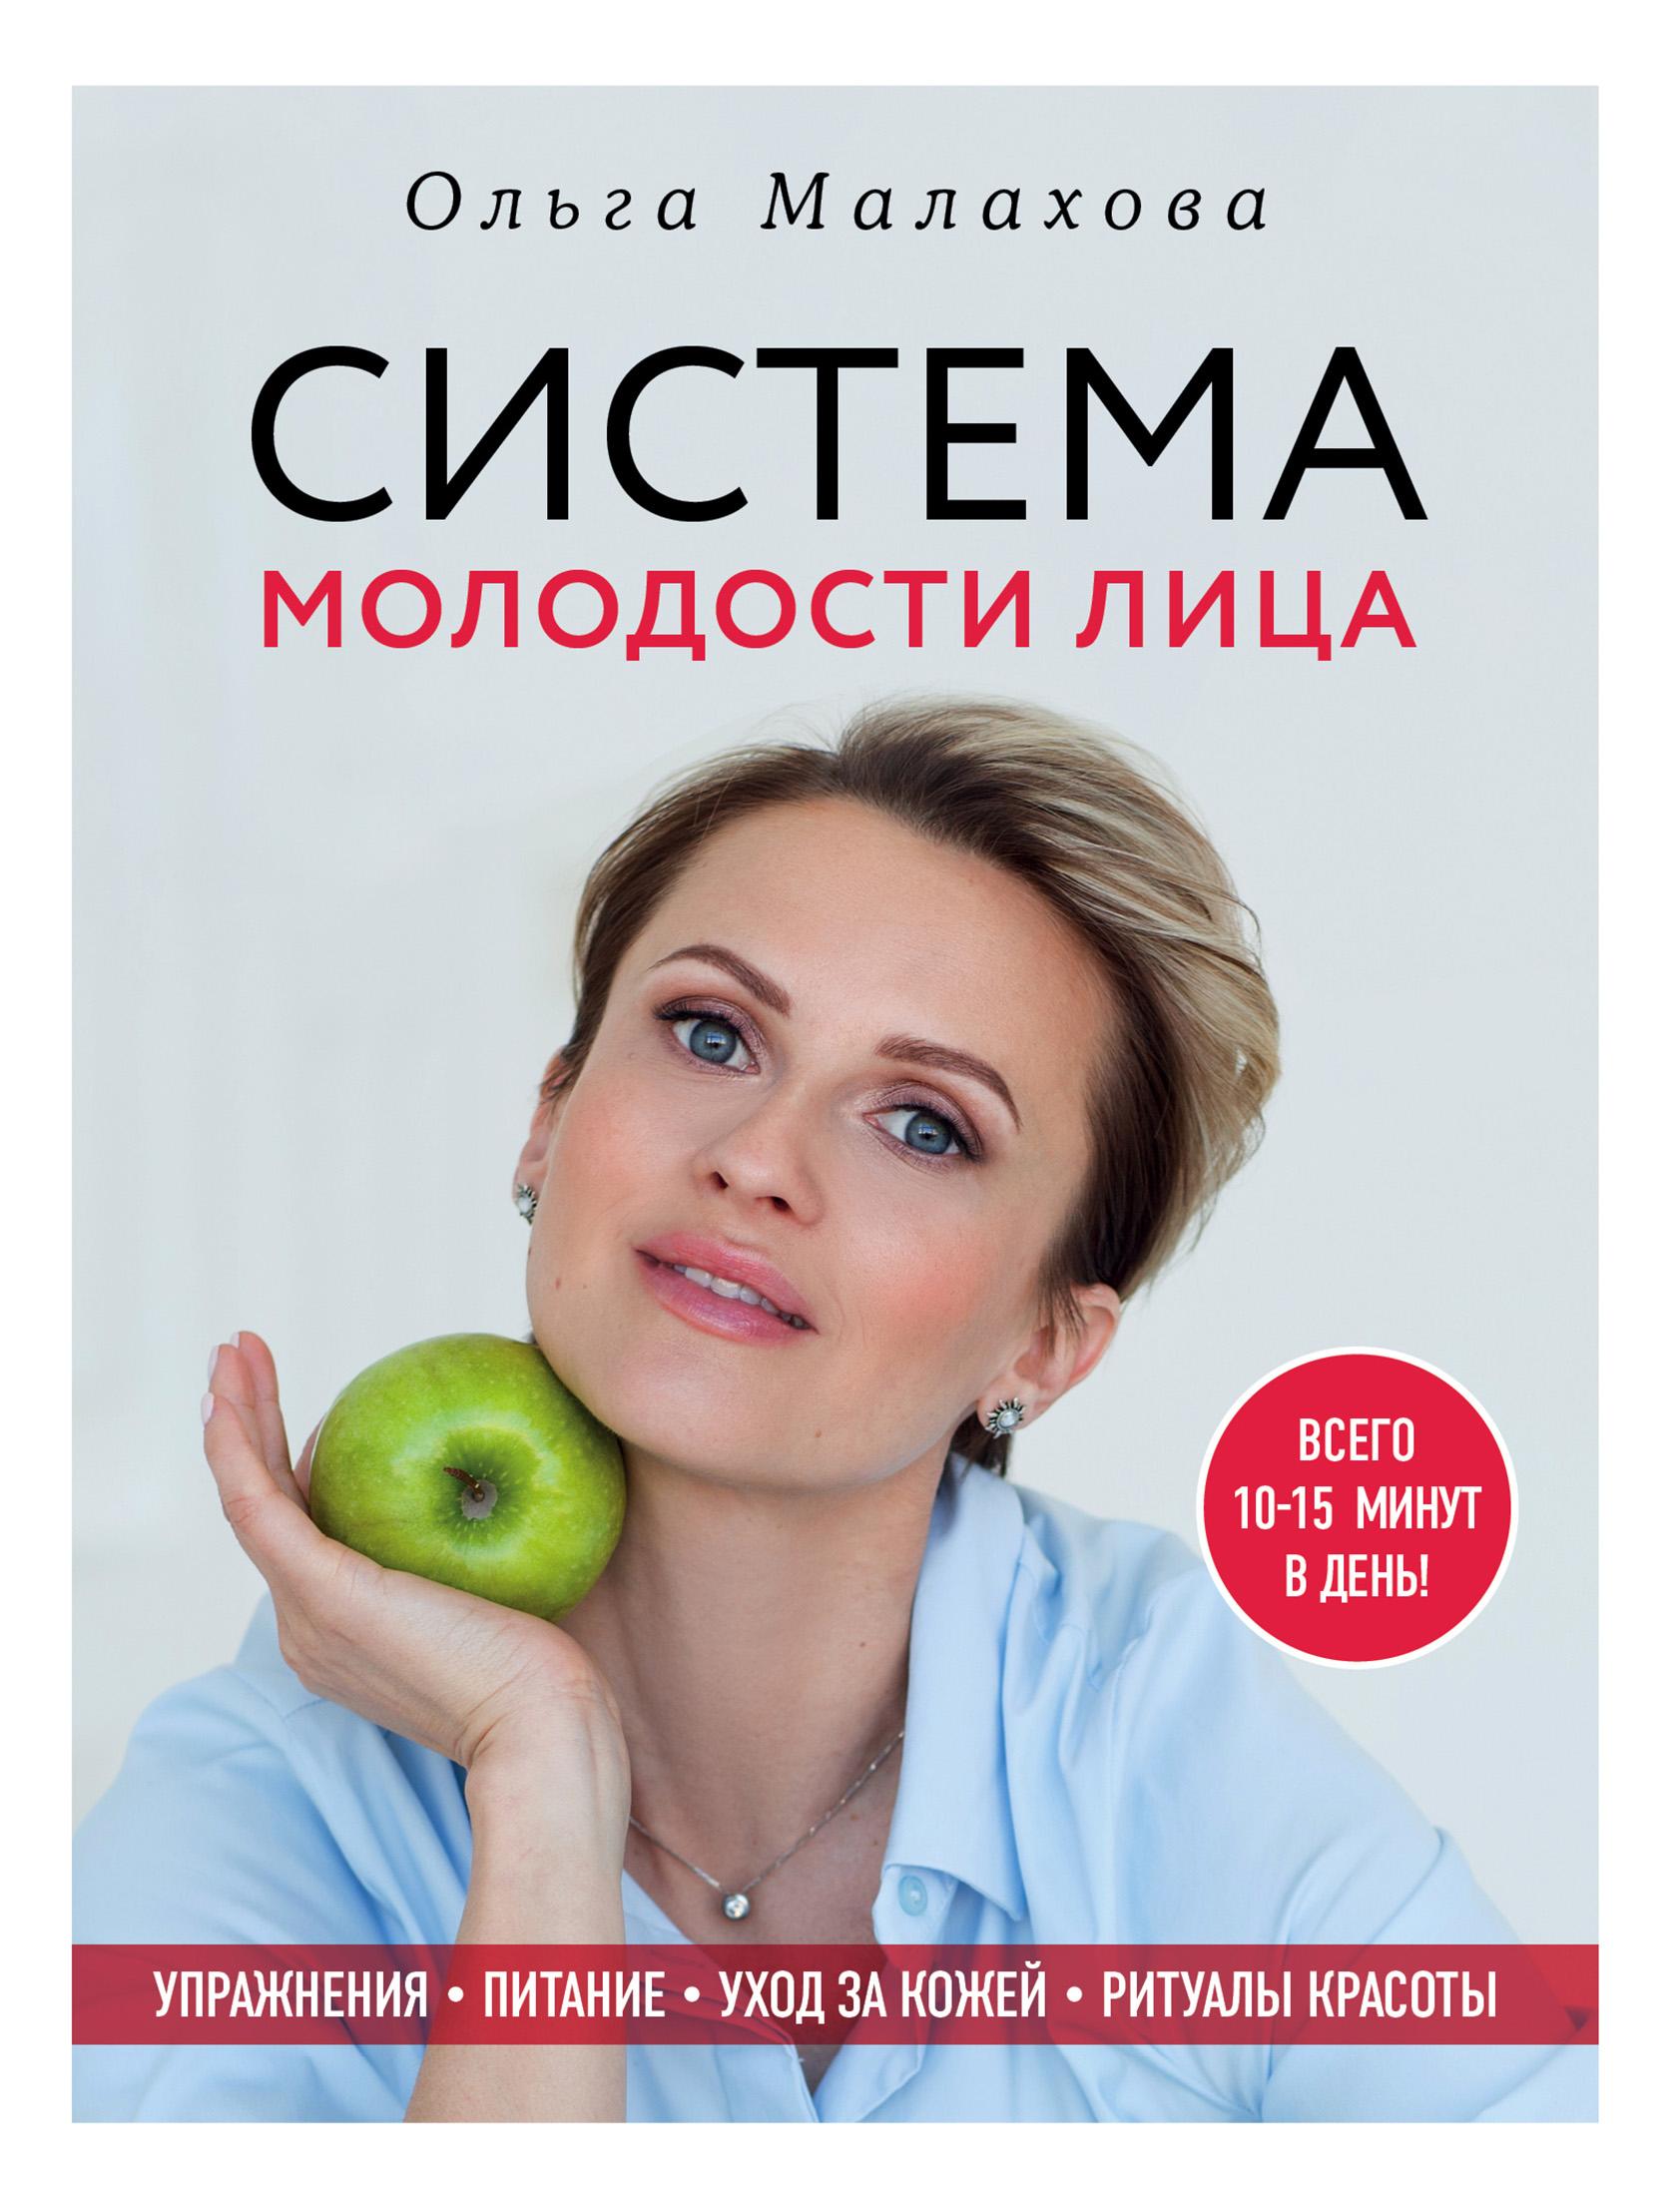 Кристина малахова, 20 лет: за 9 месяцев я сбросила 20 кг!